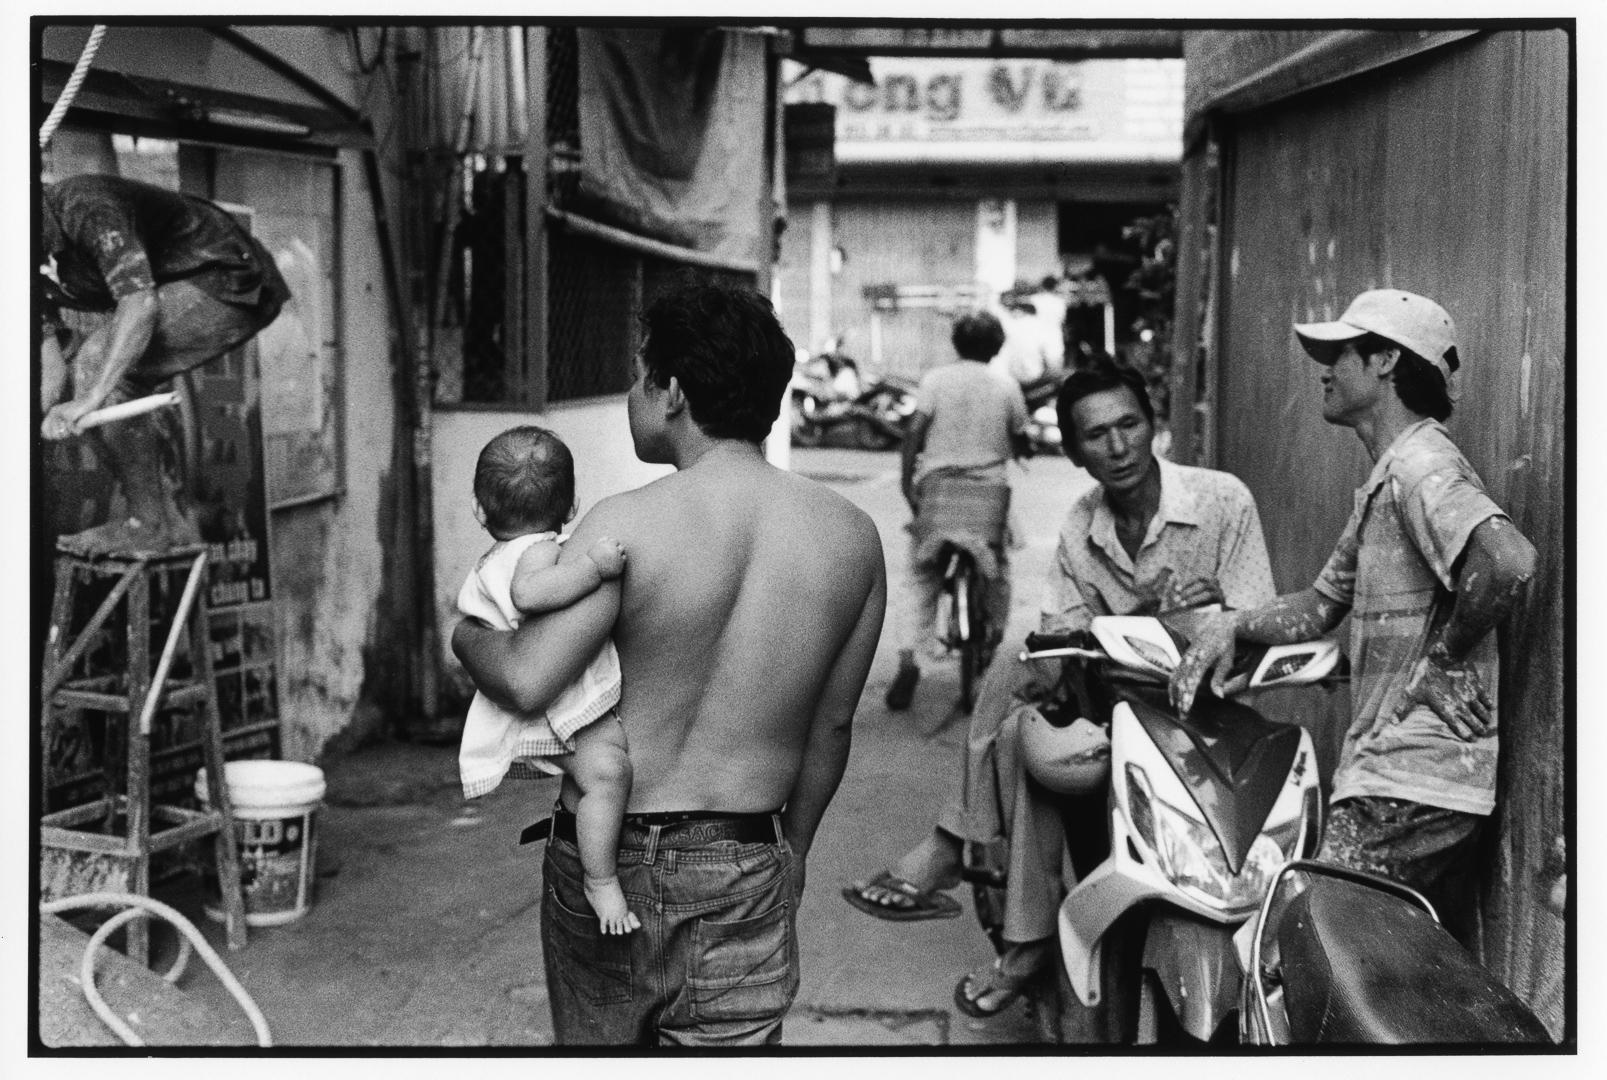 Ho Chi Minh Alleyway